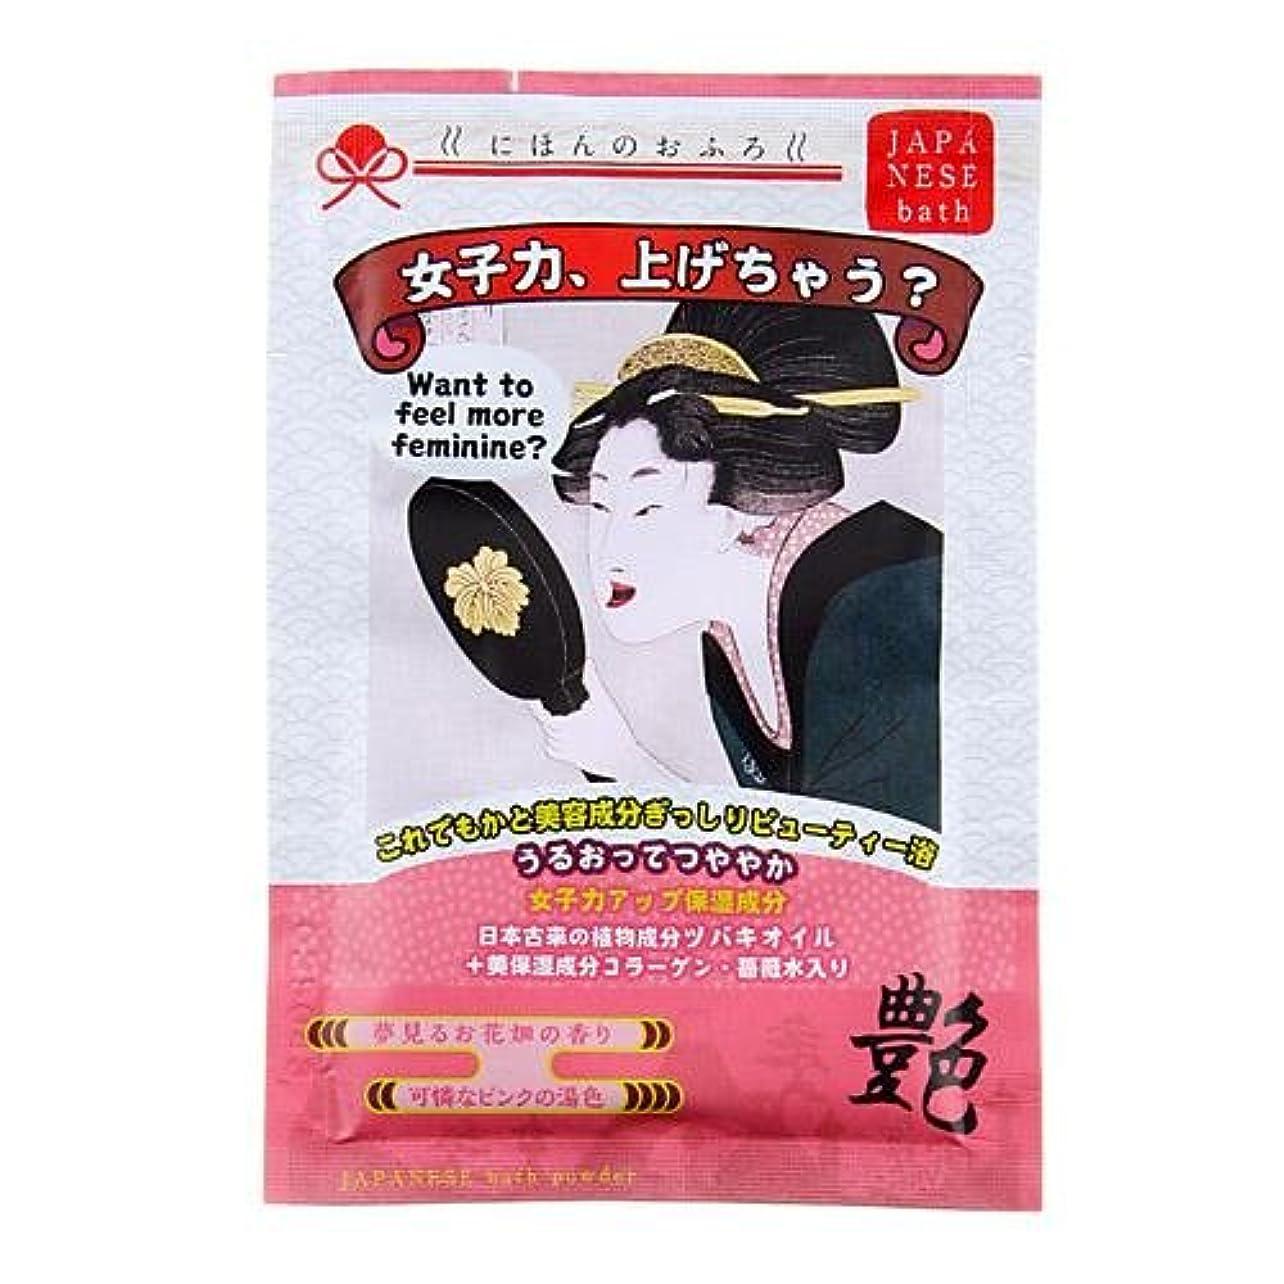 増幅器電卓指標日本のお風呂 「女子力、上げちゃう?」 10個セット